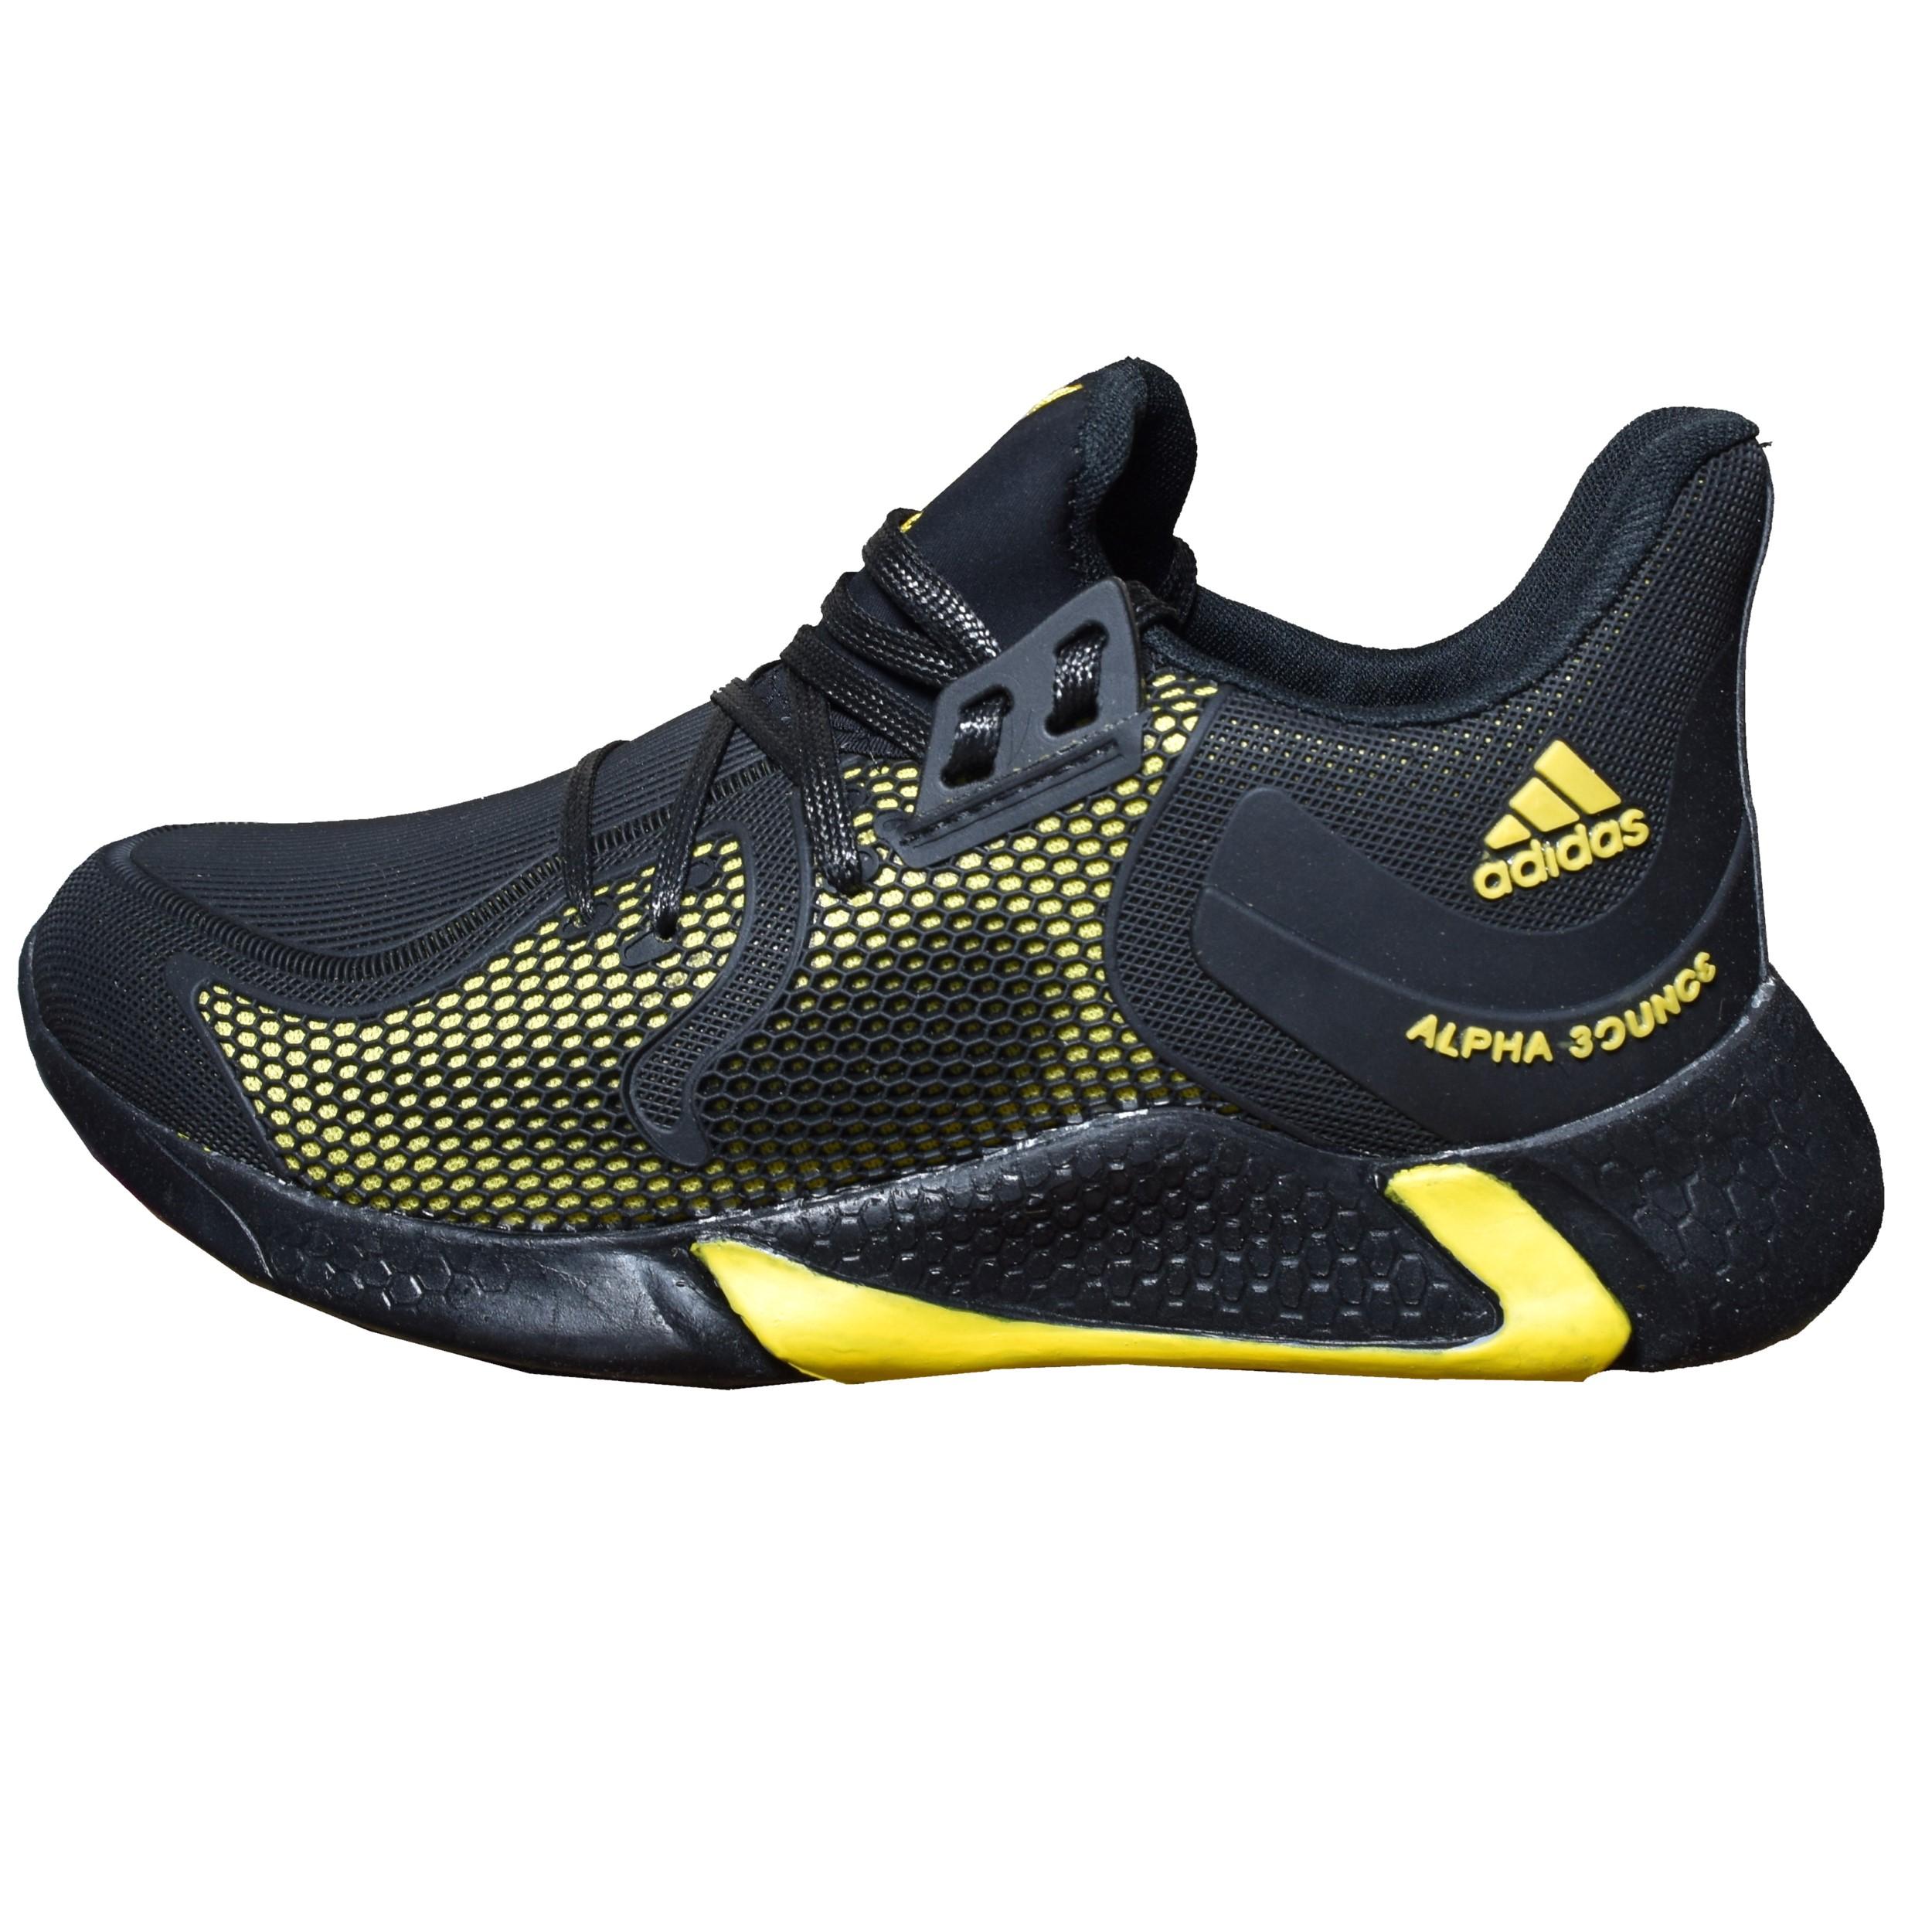 قیمت خرید کفش مخصوص پیاده روی مردانه مدل زامورا کد 6450 اورجینال